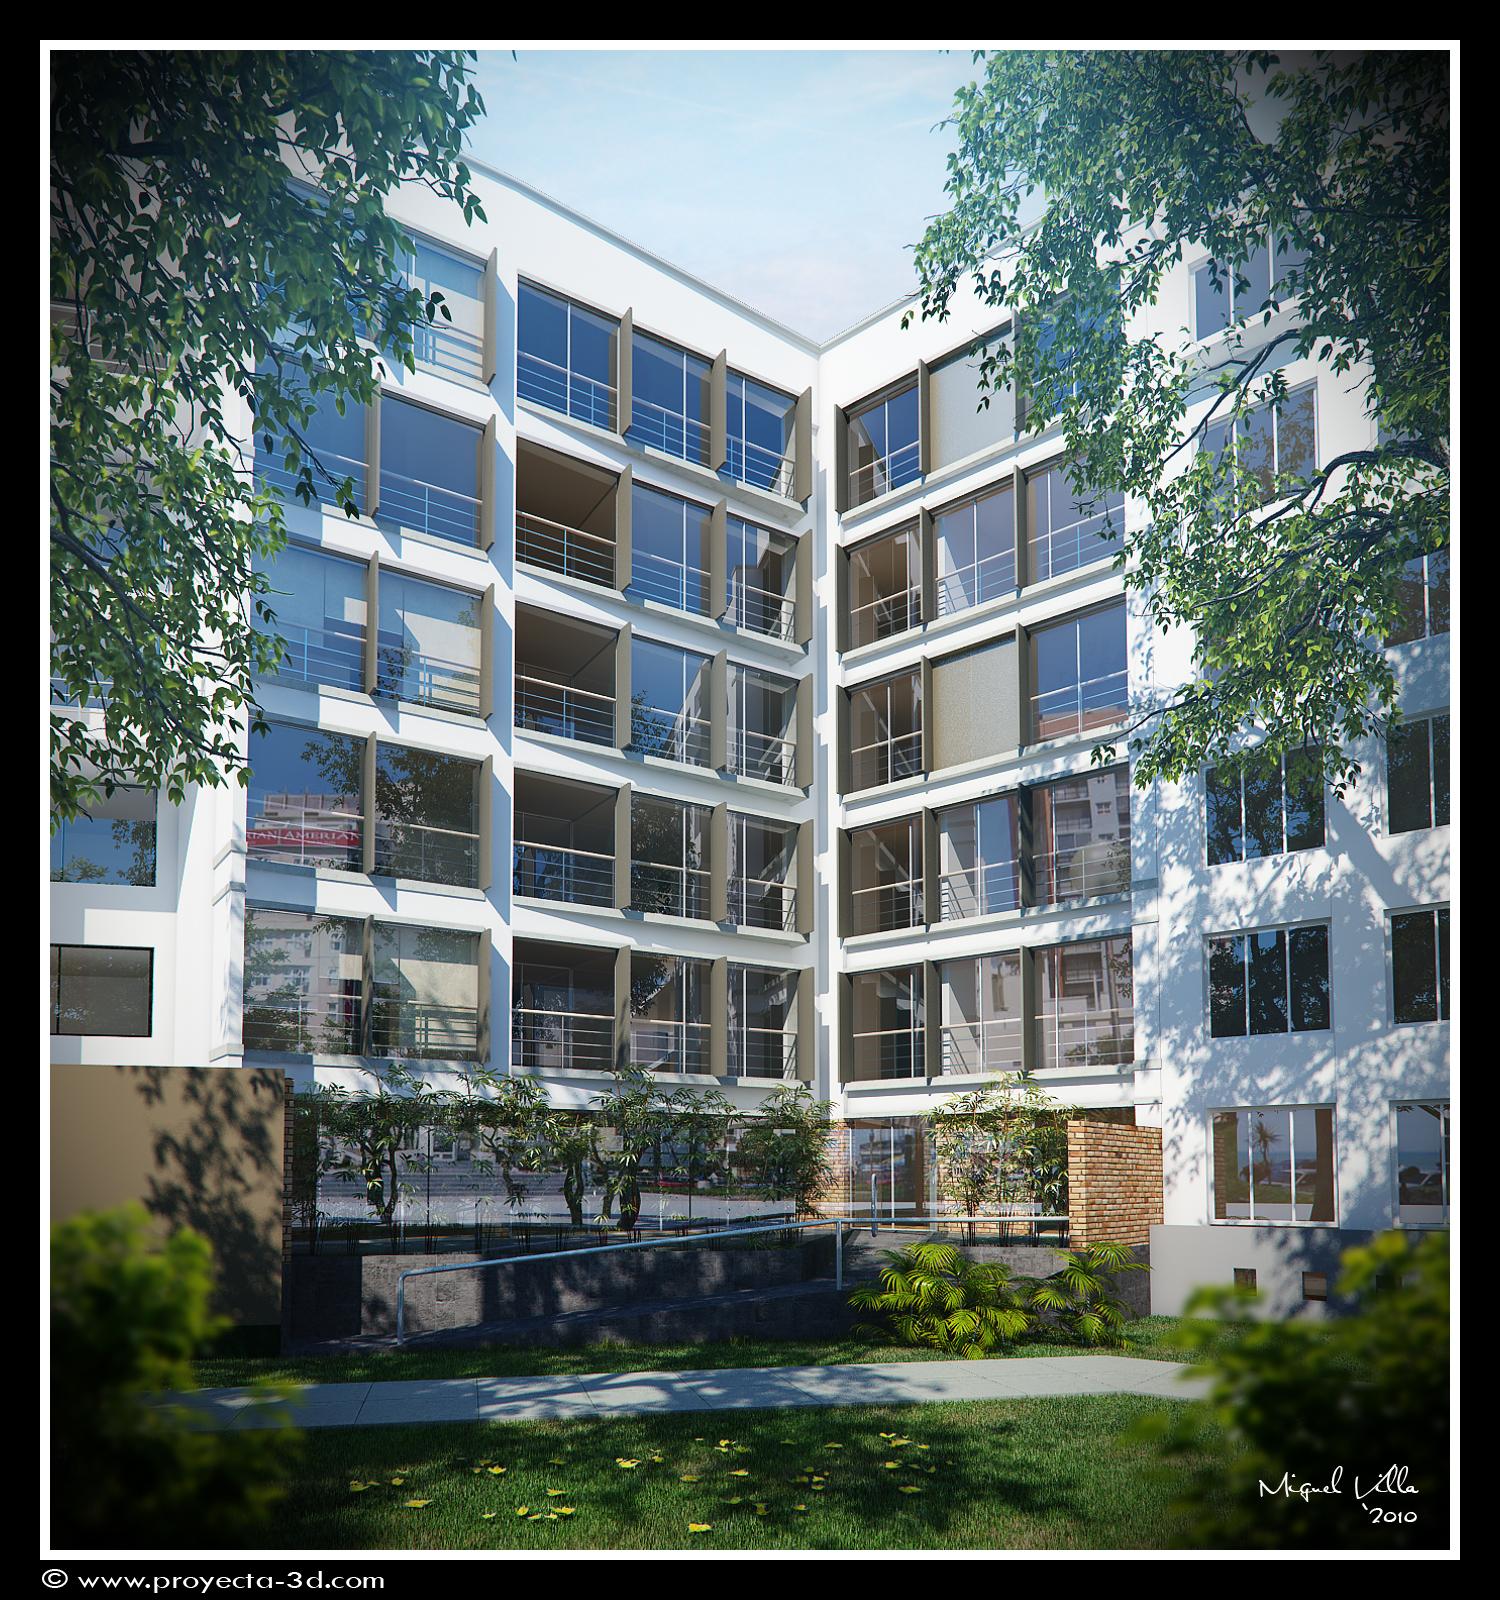 Proyecta 3d studio edificio exterior for Exterior edificios